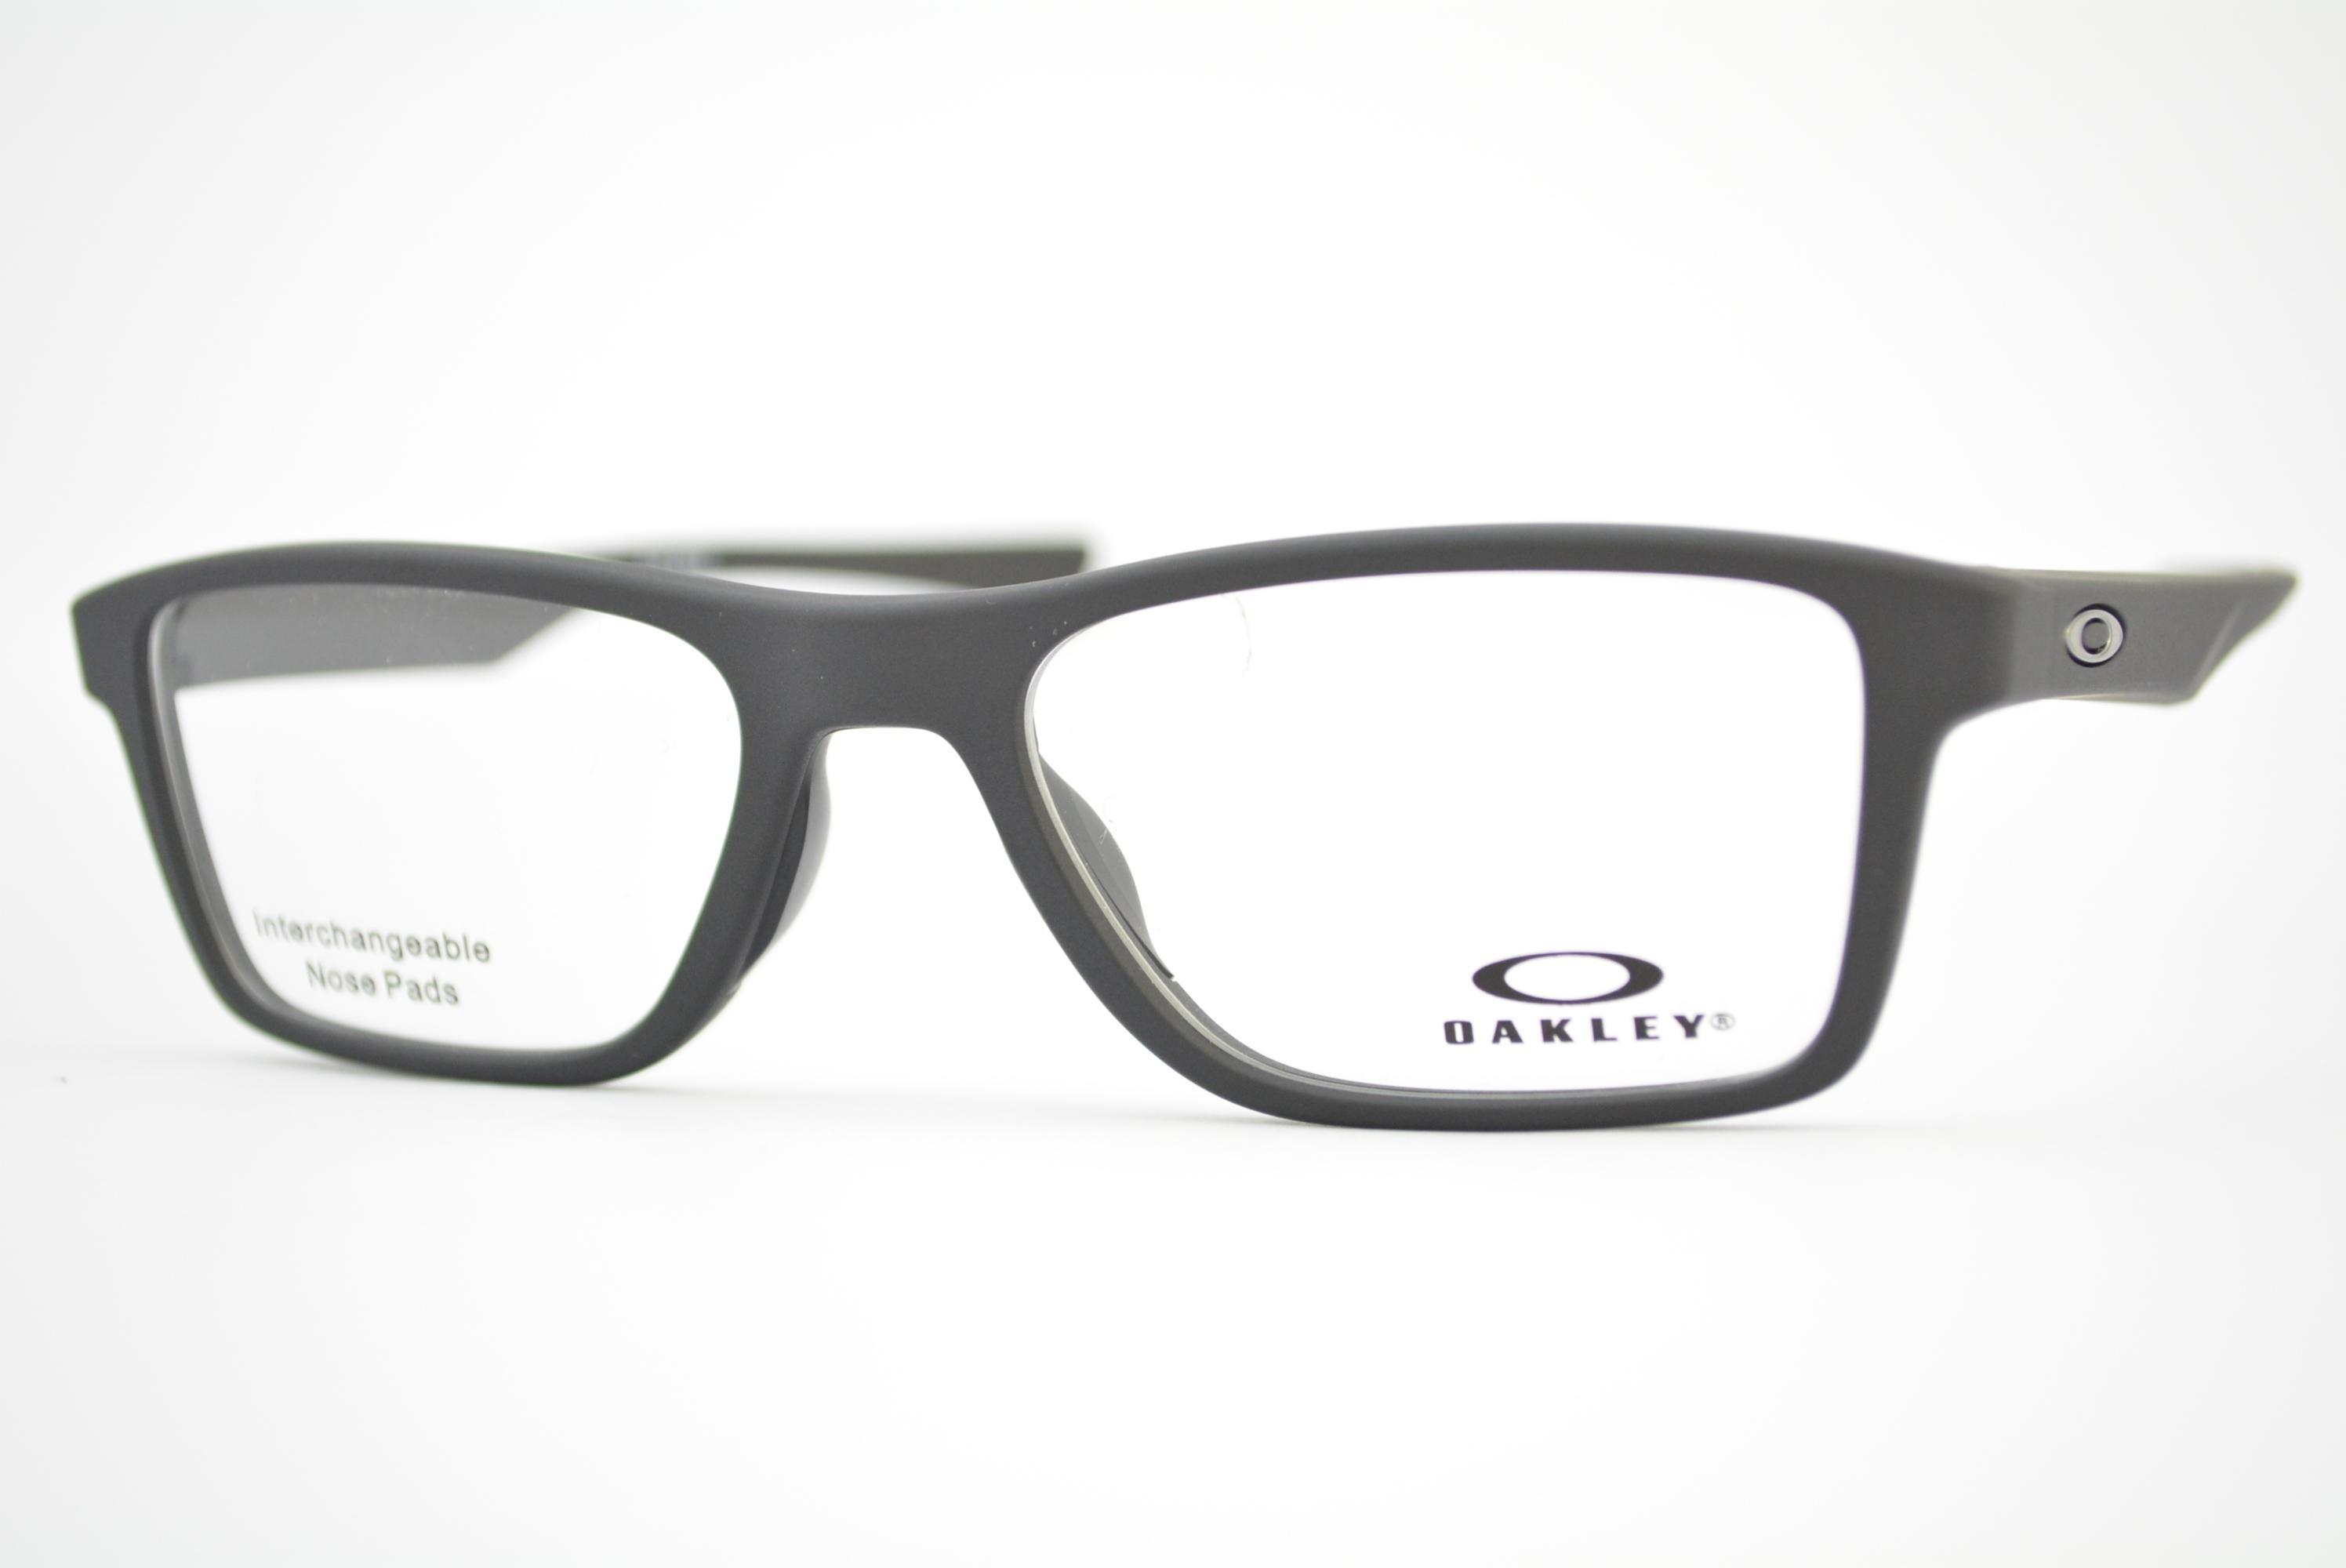 e92bb9423 Armaçoes Da Oakley Para Oculos De Grau   Caba Pro Bono